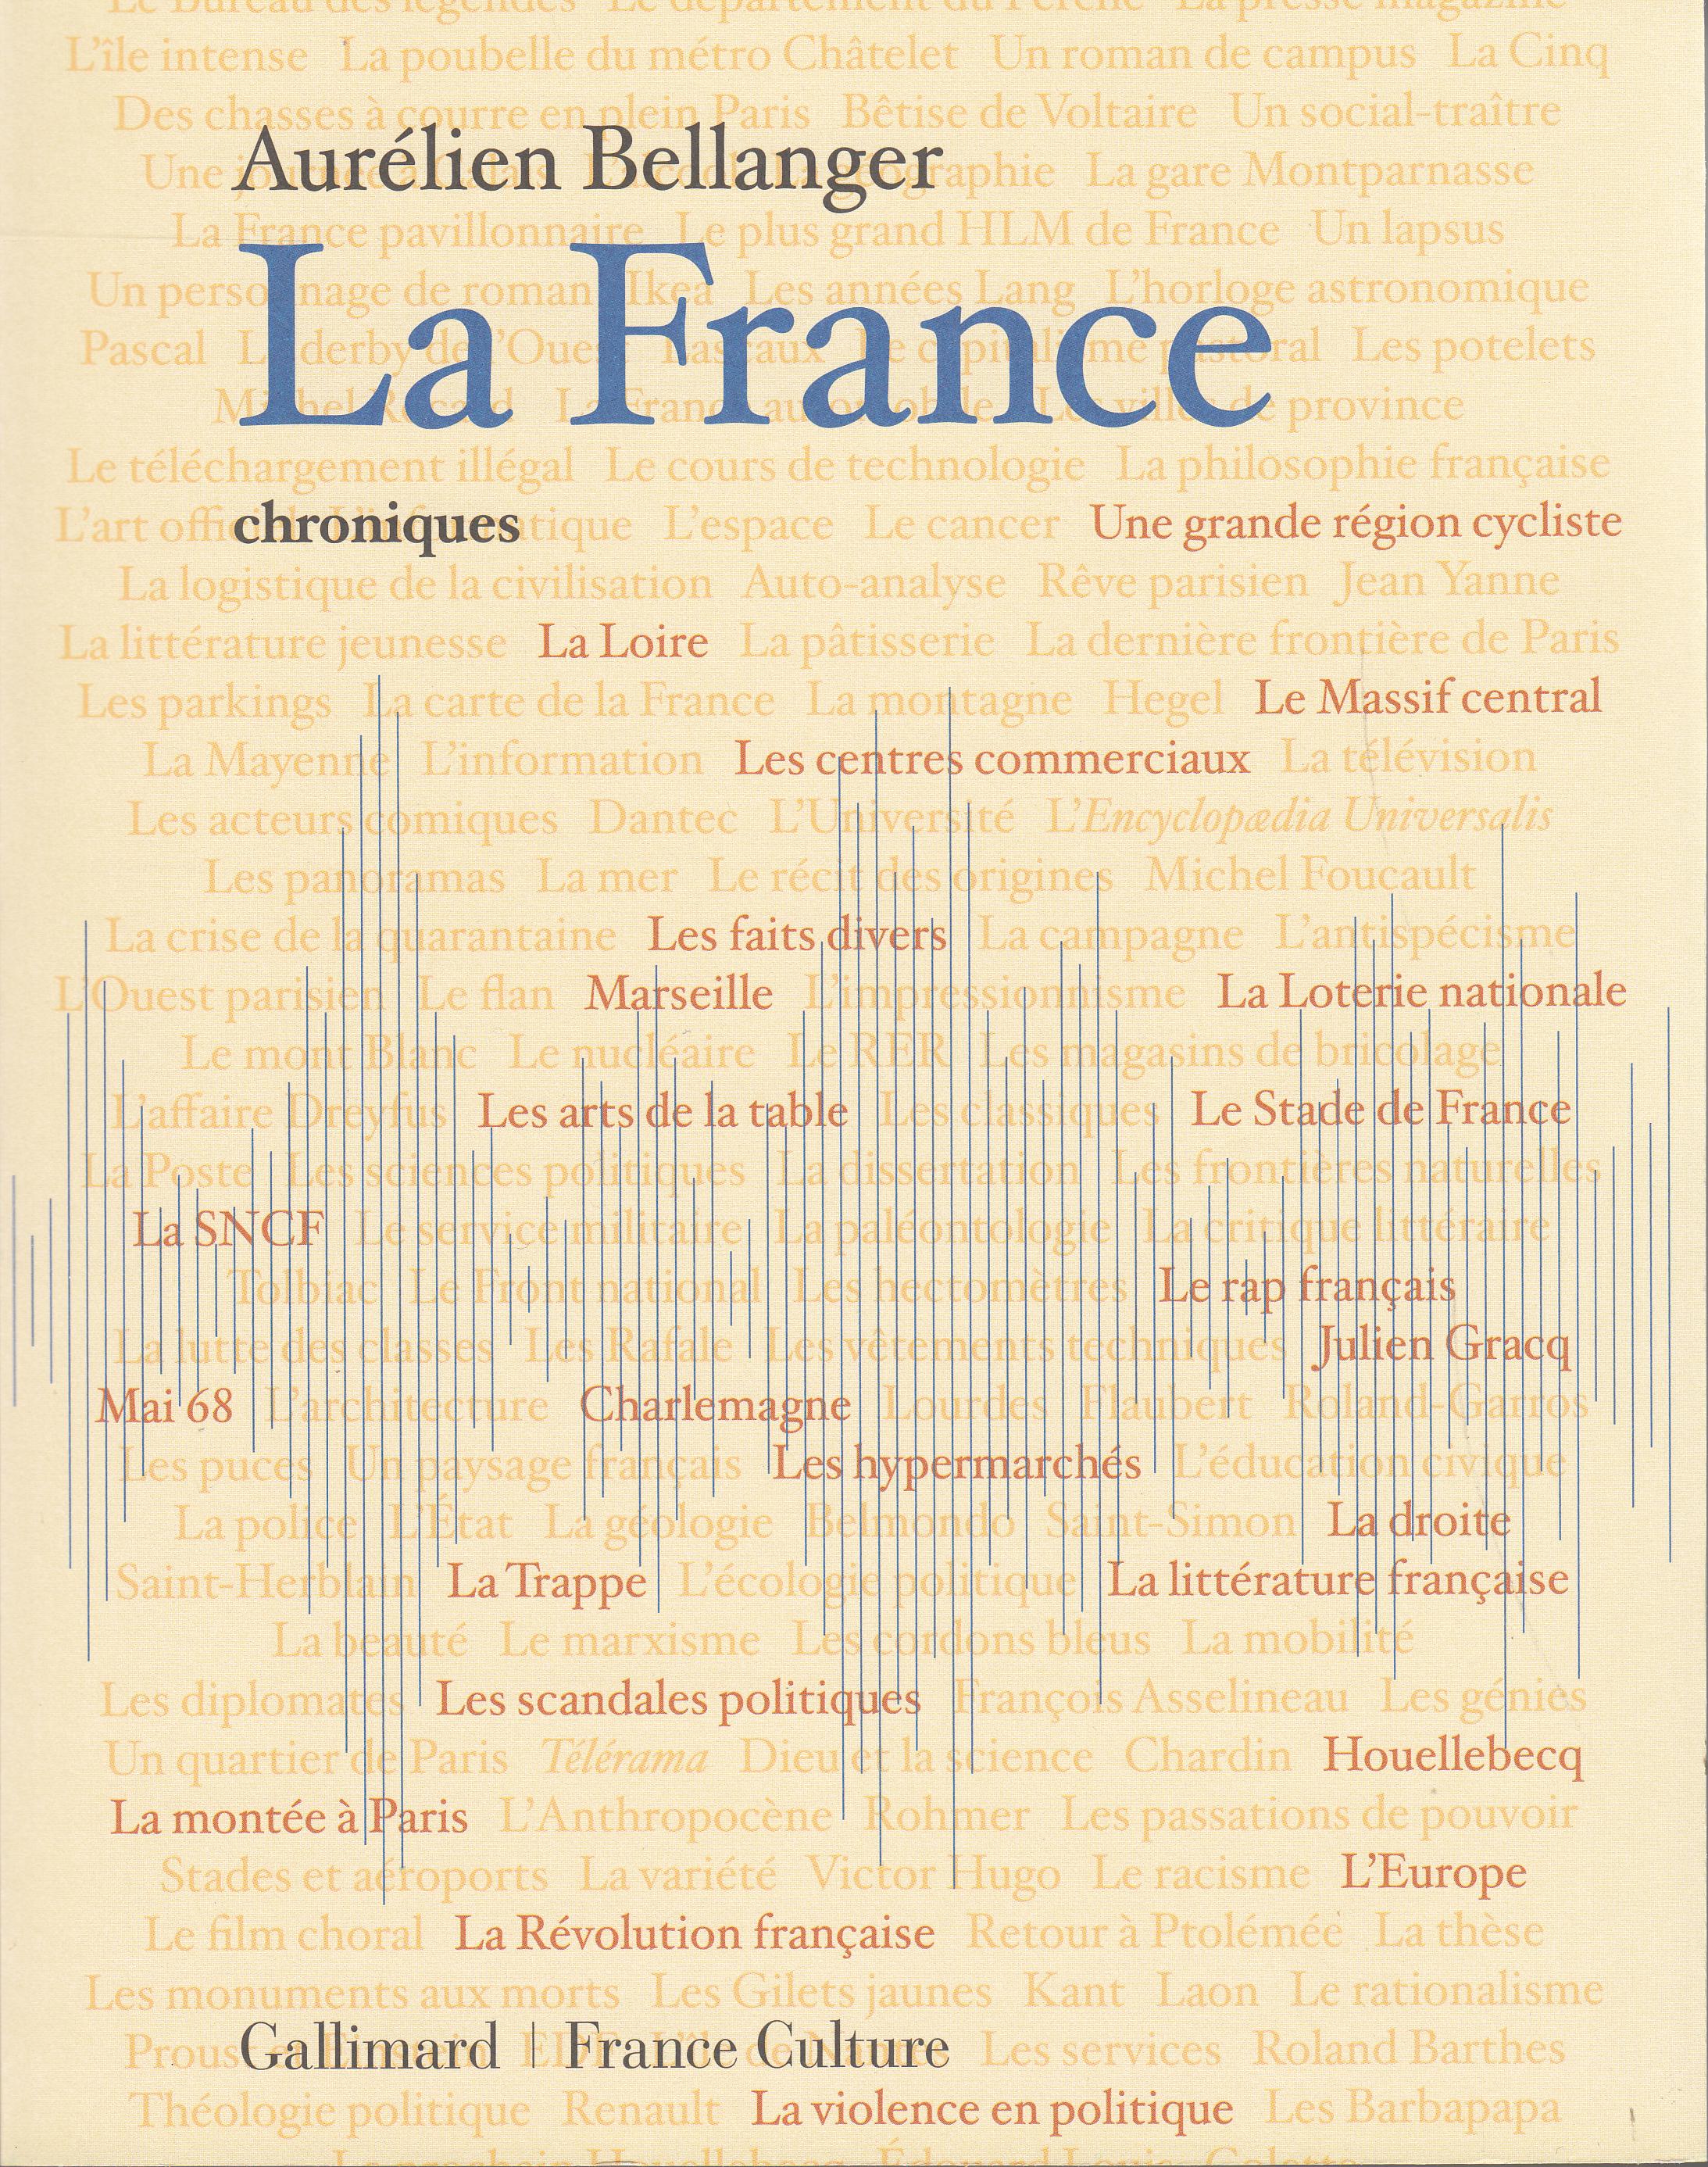 LA FRANCE - CHRONIQUES